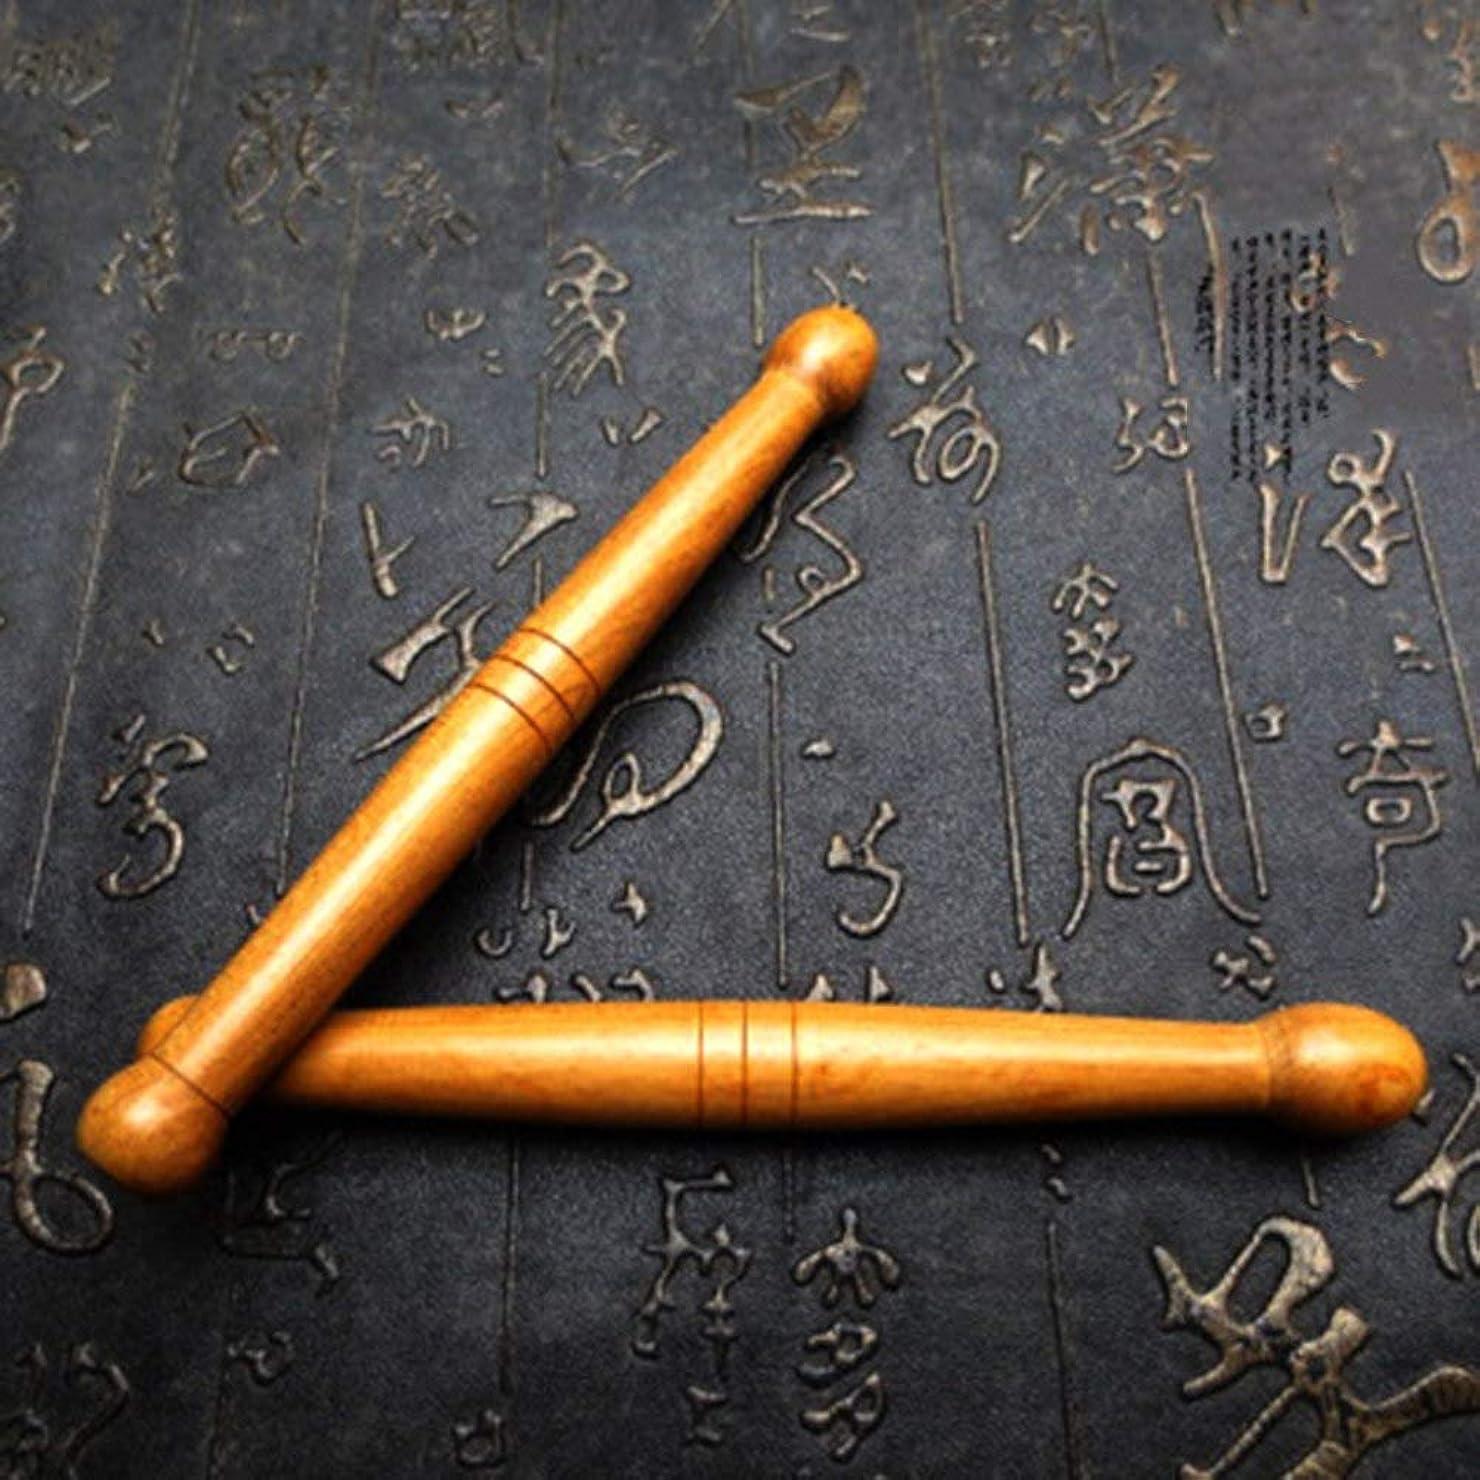 仕えるシダ地元TerGOOSE マッサージ棒 足裏マッサージ棒 グリグリ棒 特製マッサージ棒 ぐり押し棒 メリディアンペン ポイントスティック マッサージャー 本格プロ仕様 木製 マッサージ 快適な 健康 便利 多機能